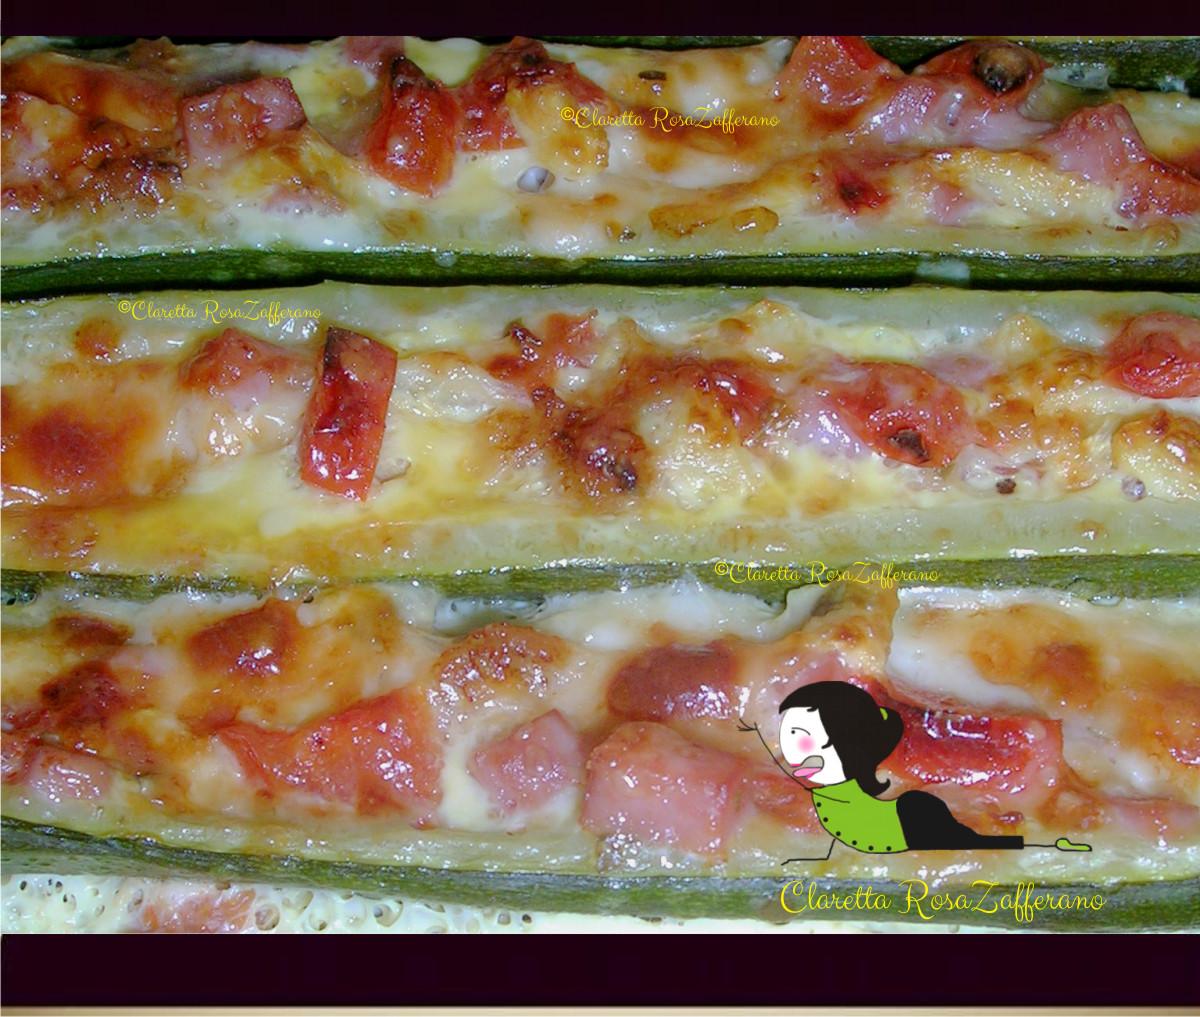 Zucchine ripiene, Zucchine al forno, Claretta RosaZafferano